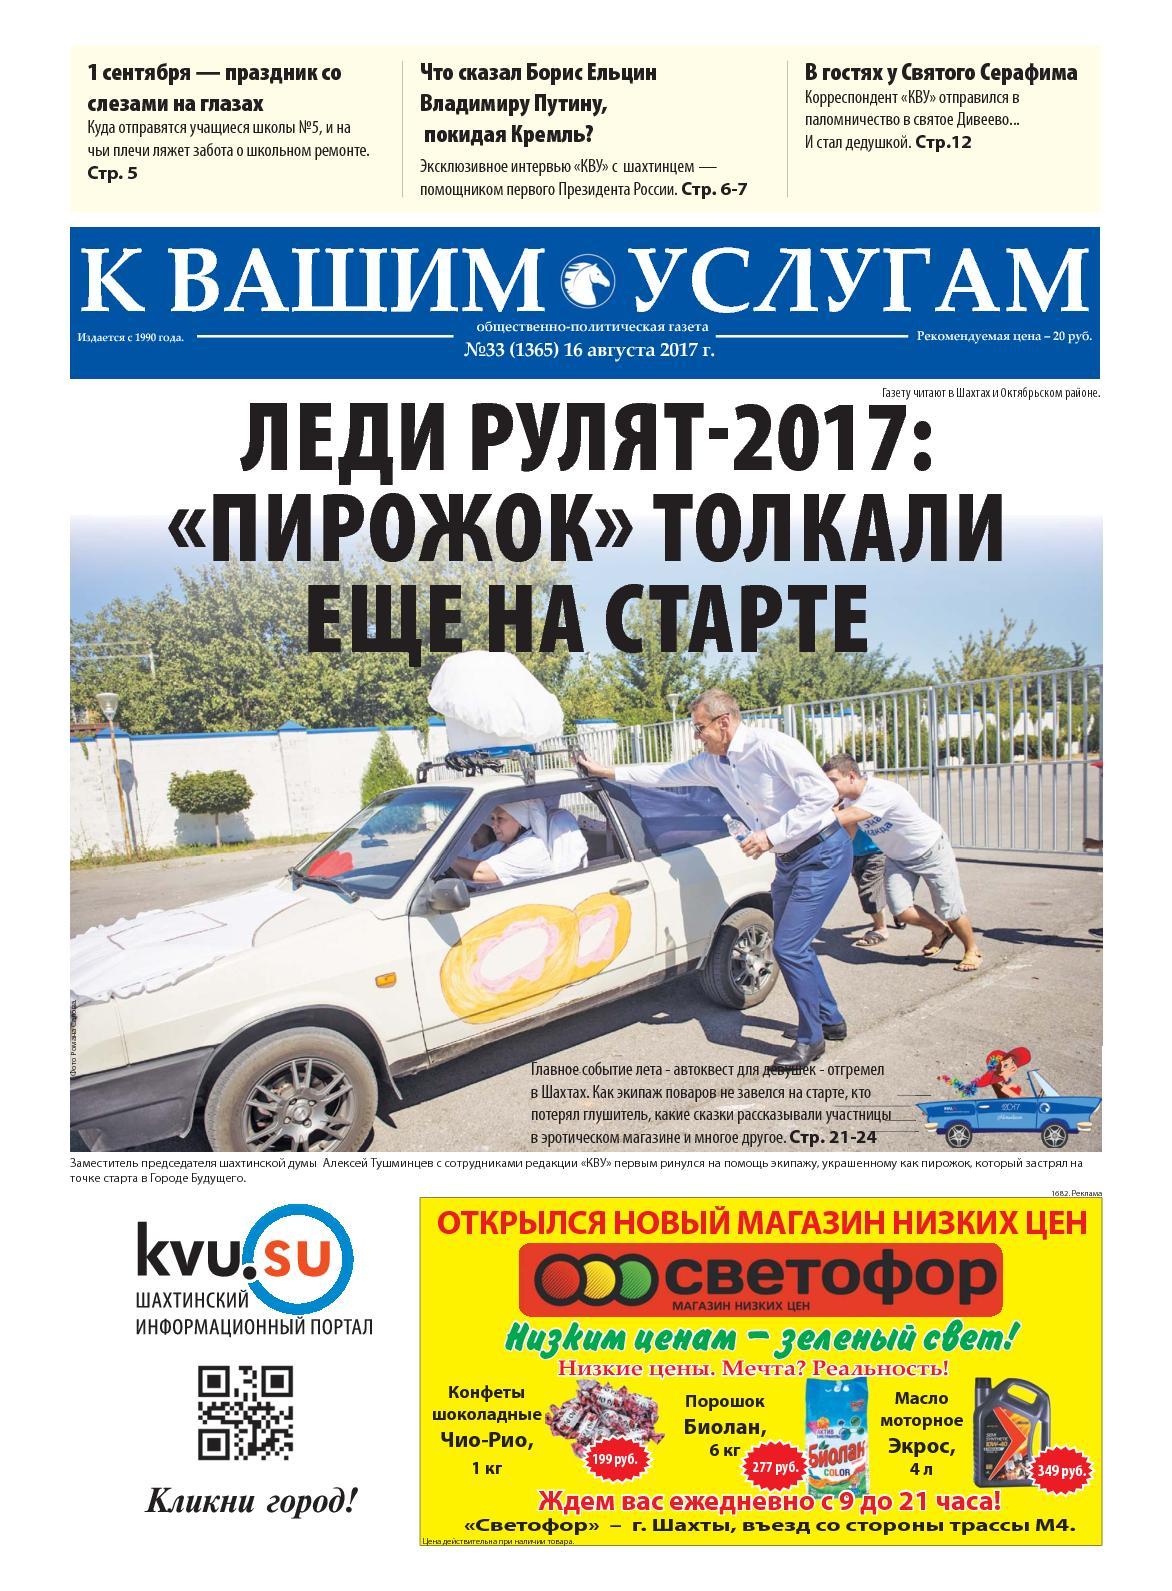 Алматы проститутки интим - all-pagescom